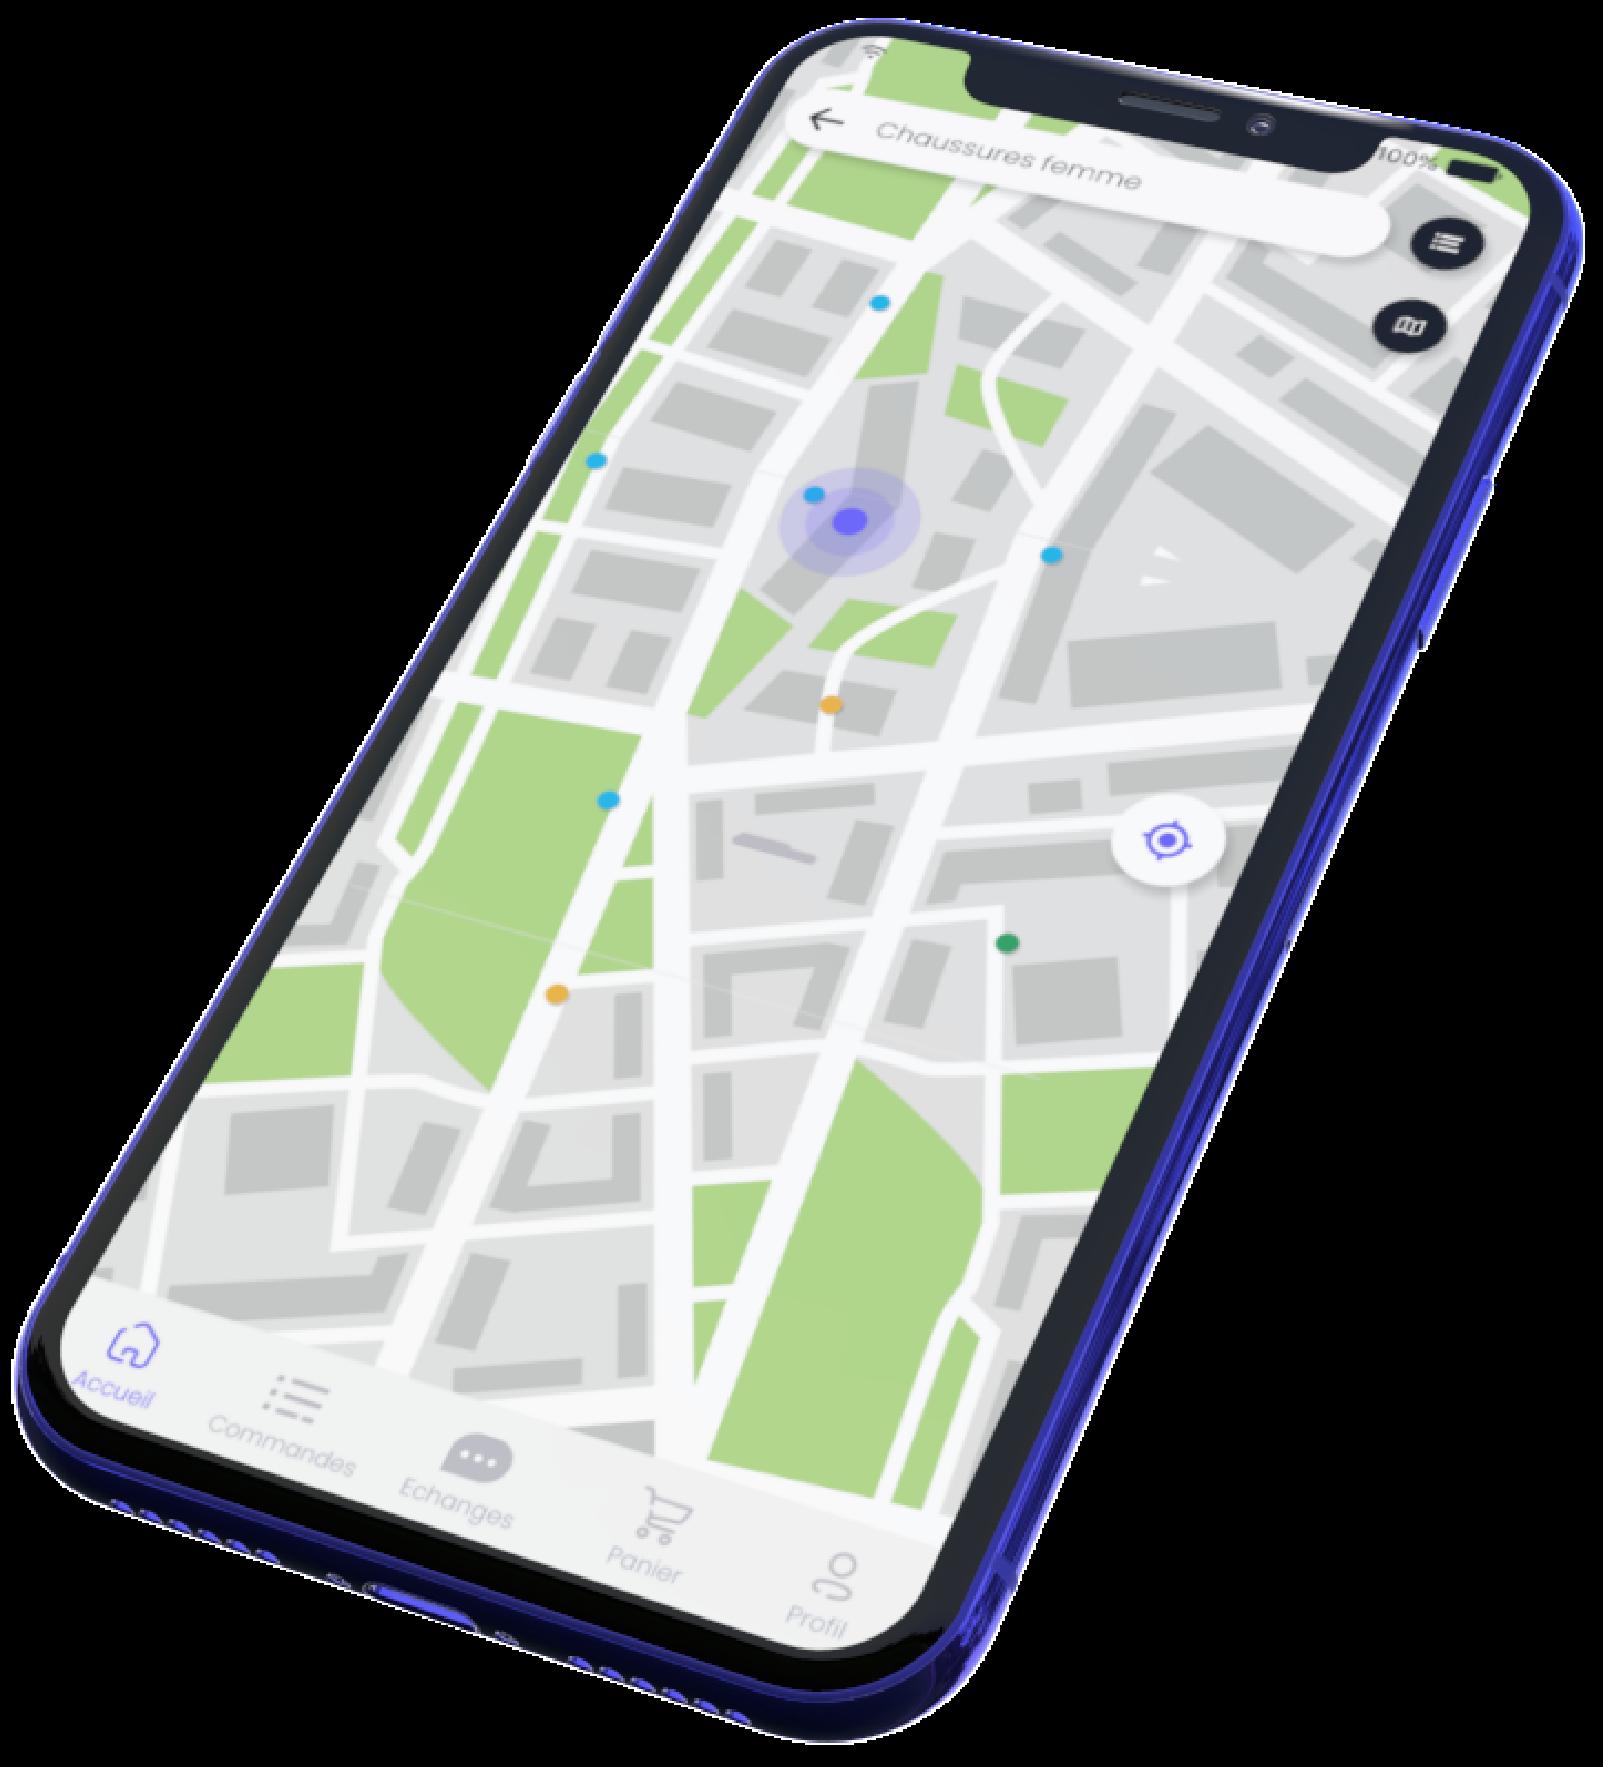 Shopinzon app in phone